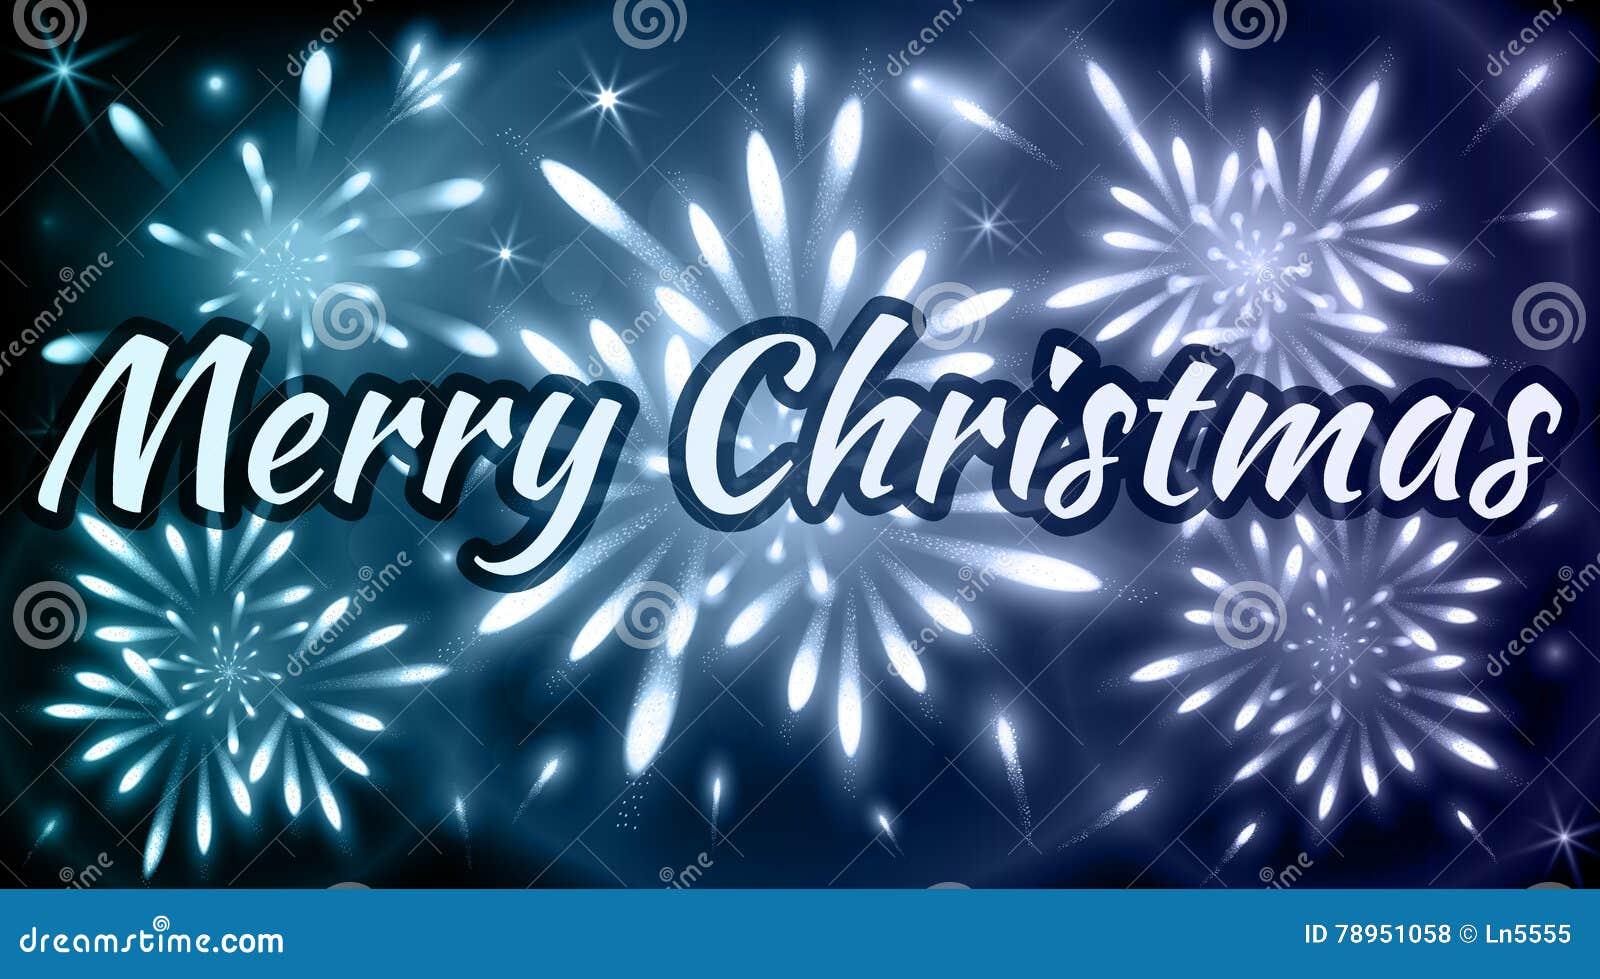 Foto Con Auguri Di Buon Natale.Cartolina D Auguri Di Buon Natale Con I Fuochi D Artificio